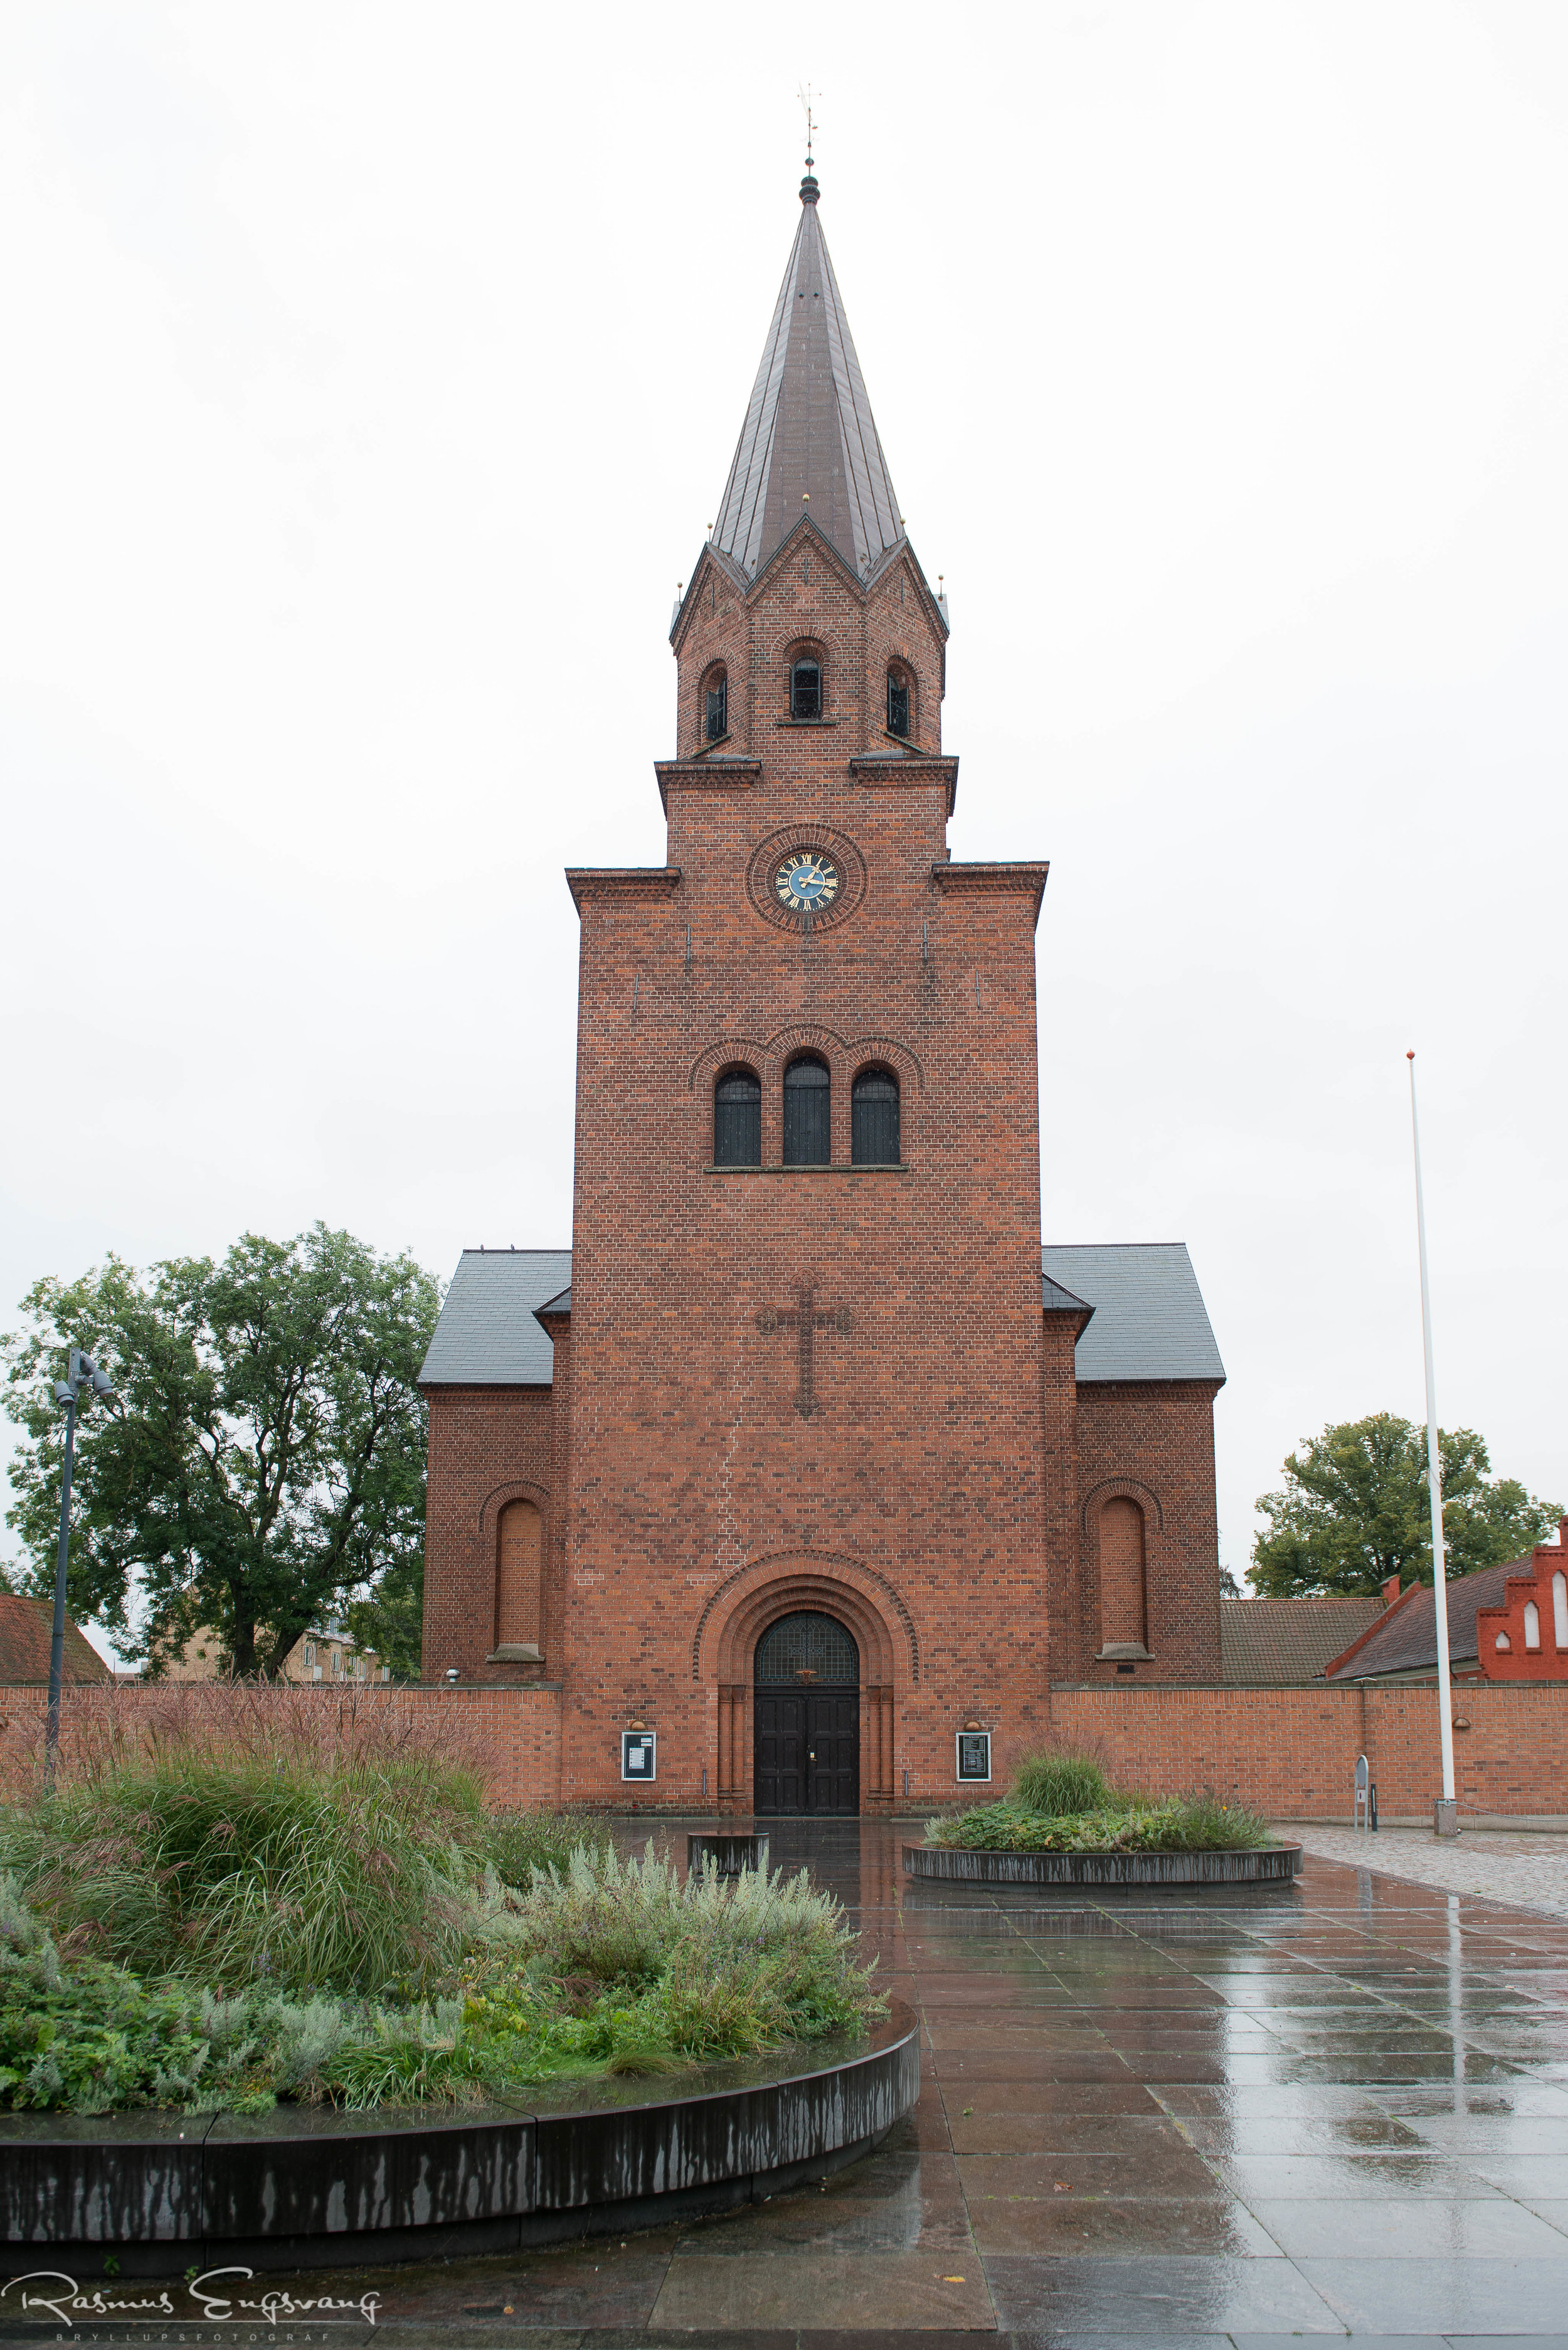 Bryllupsfotograf_Holbæk_Ringsted_Sjælland-101.jpg